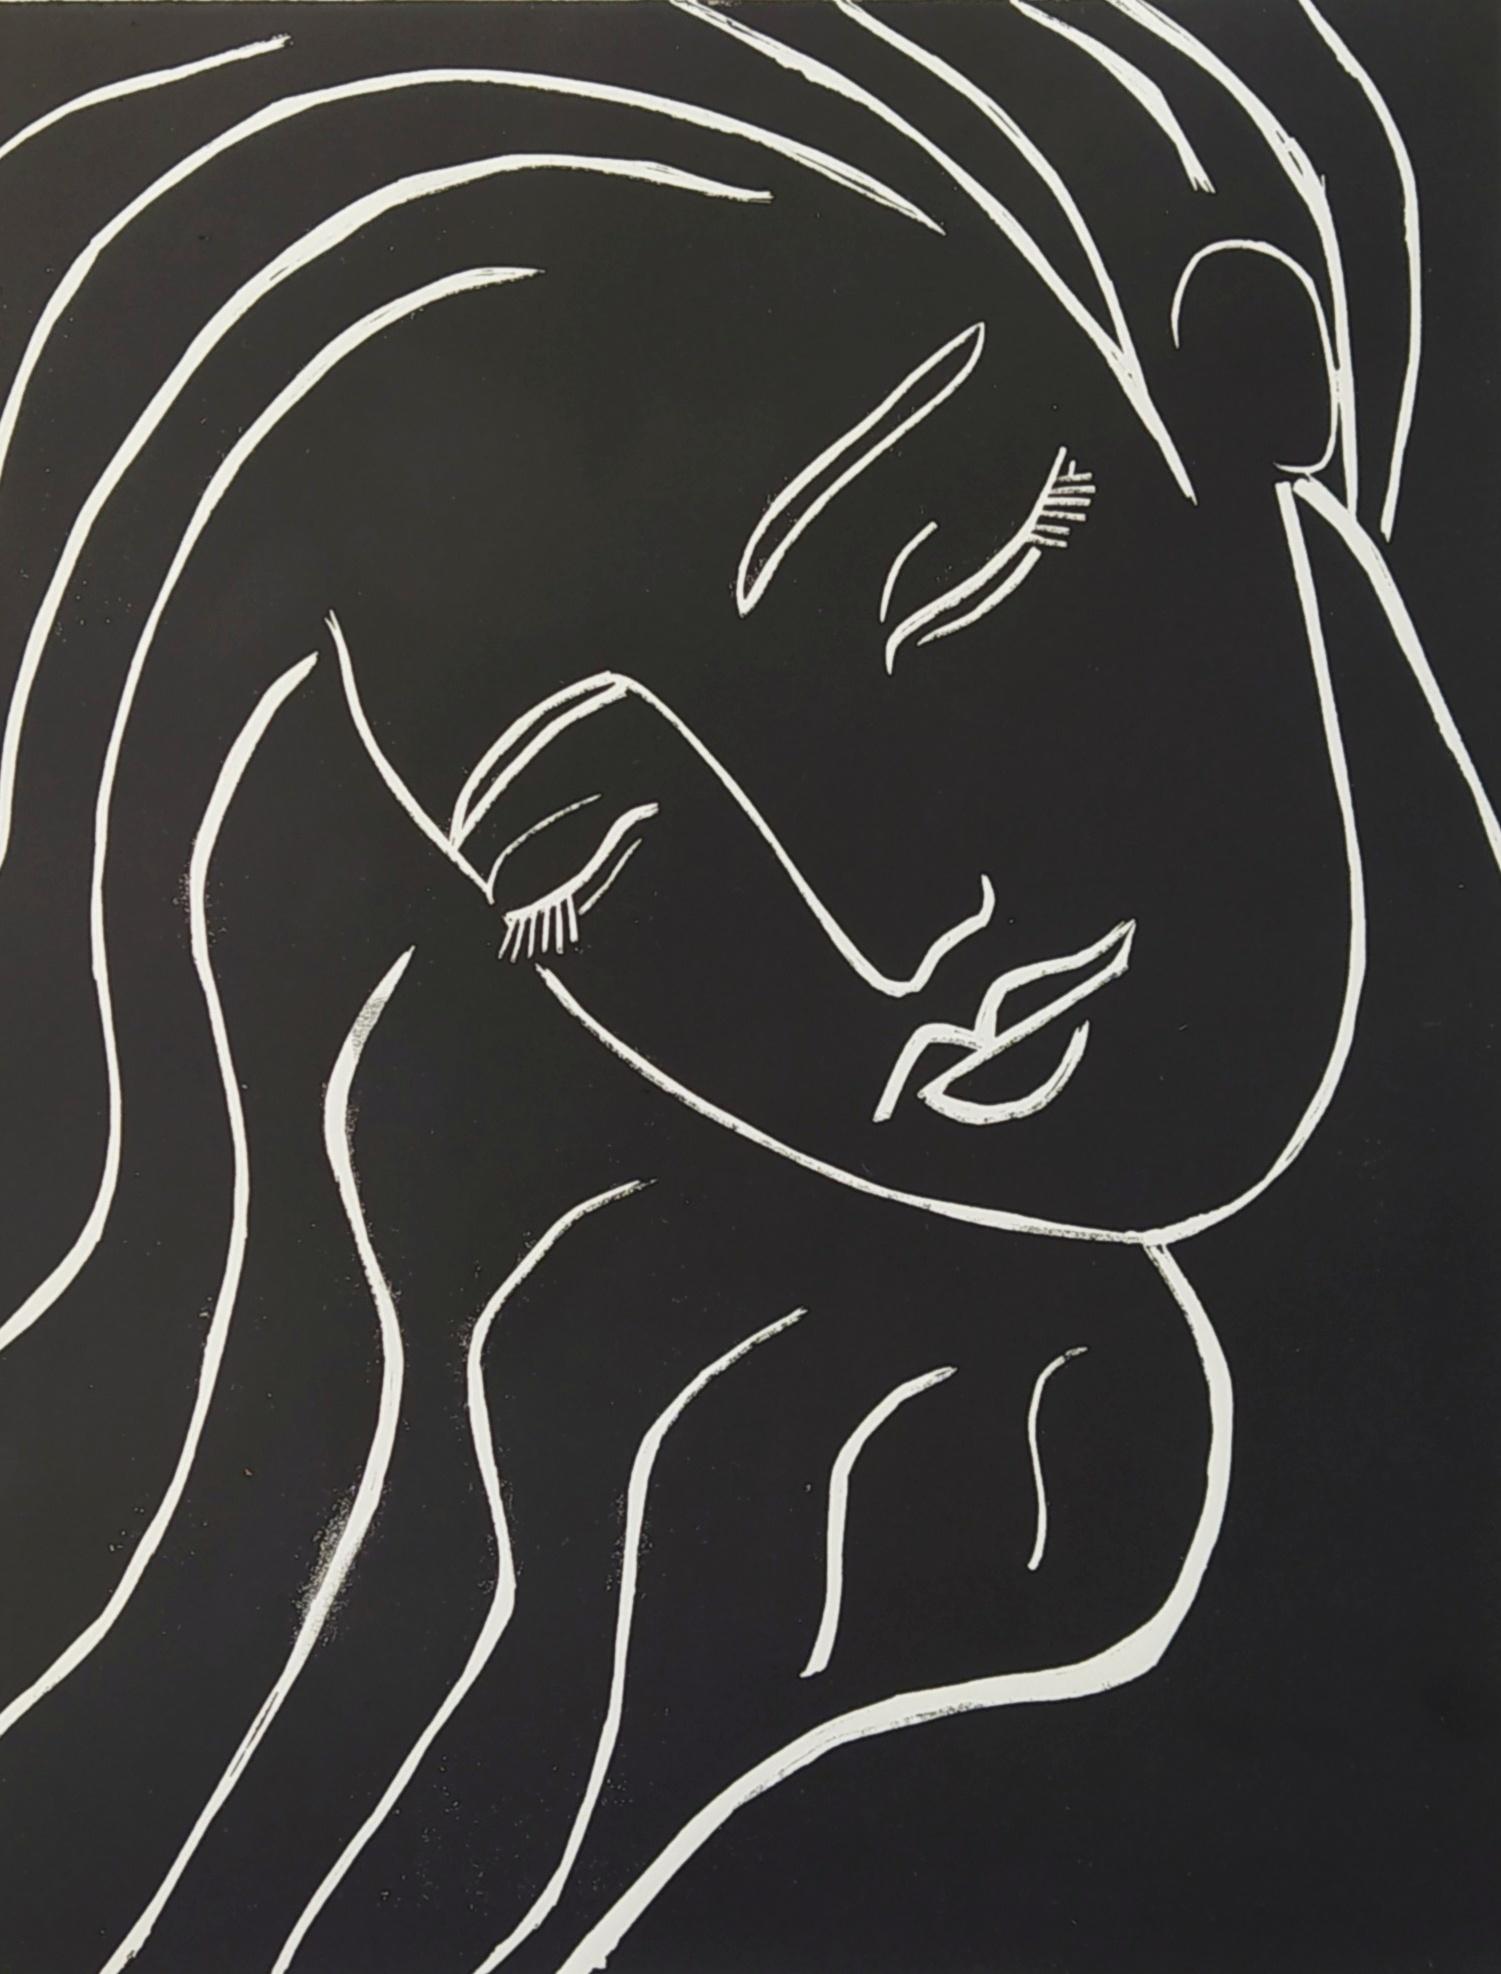 Le vent dans les cheveux par Carole Durand